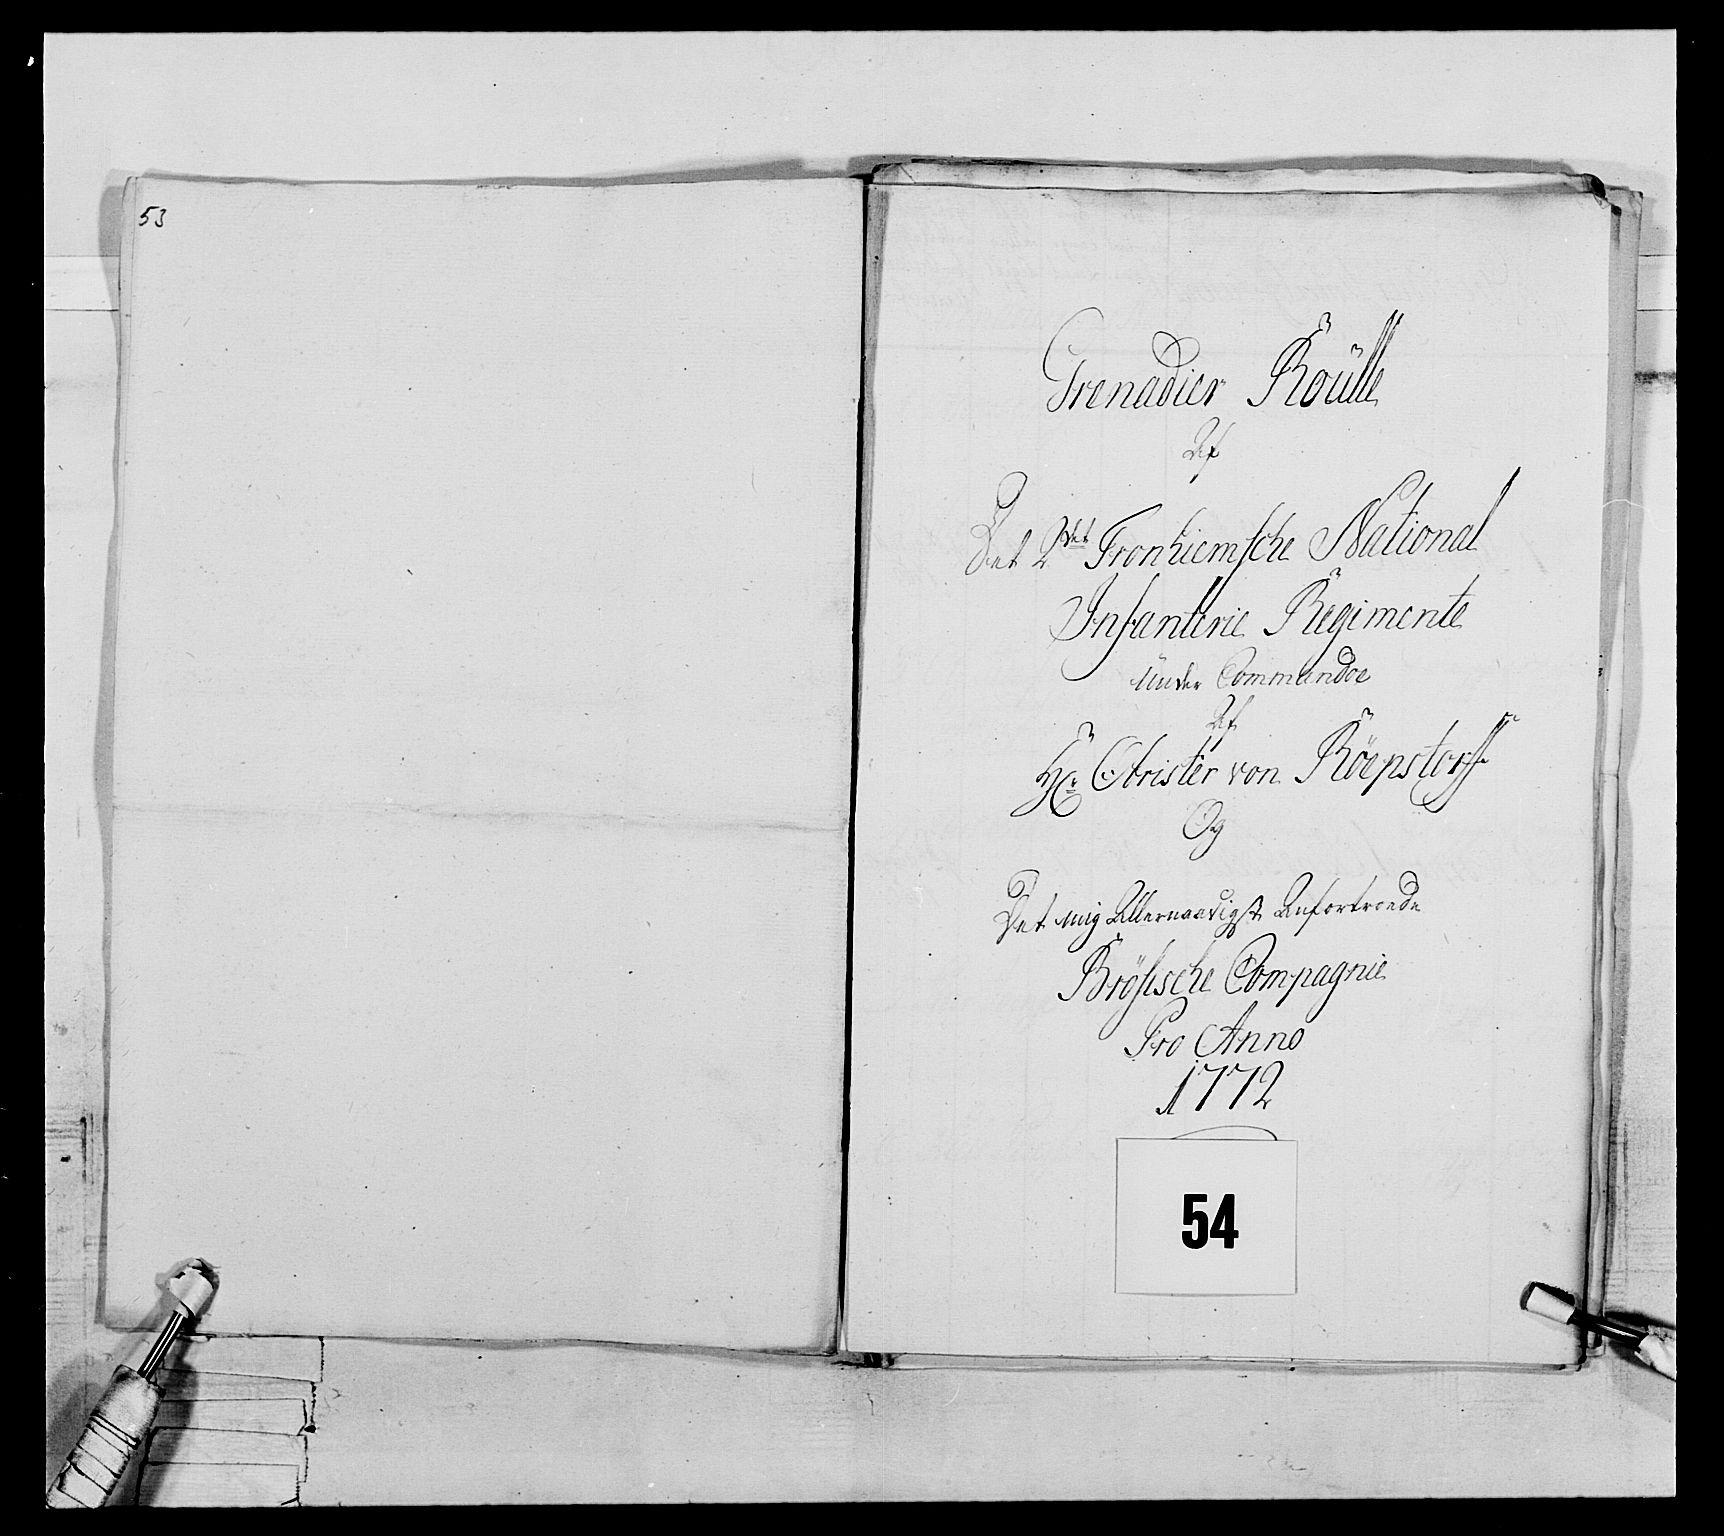 RA, Generalitets- og kommissariatskollegiet, Det kongelige norske kommissariatskollegium, E/Eh/L0076: 2. Trondheimske nasjonale infanteriregiment, 1766-1773, s. 183